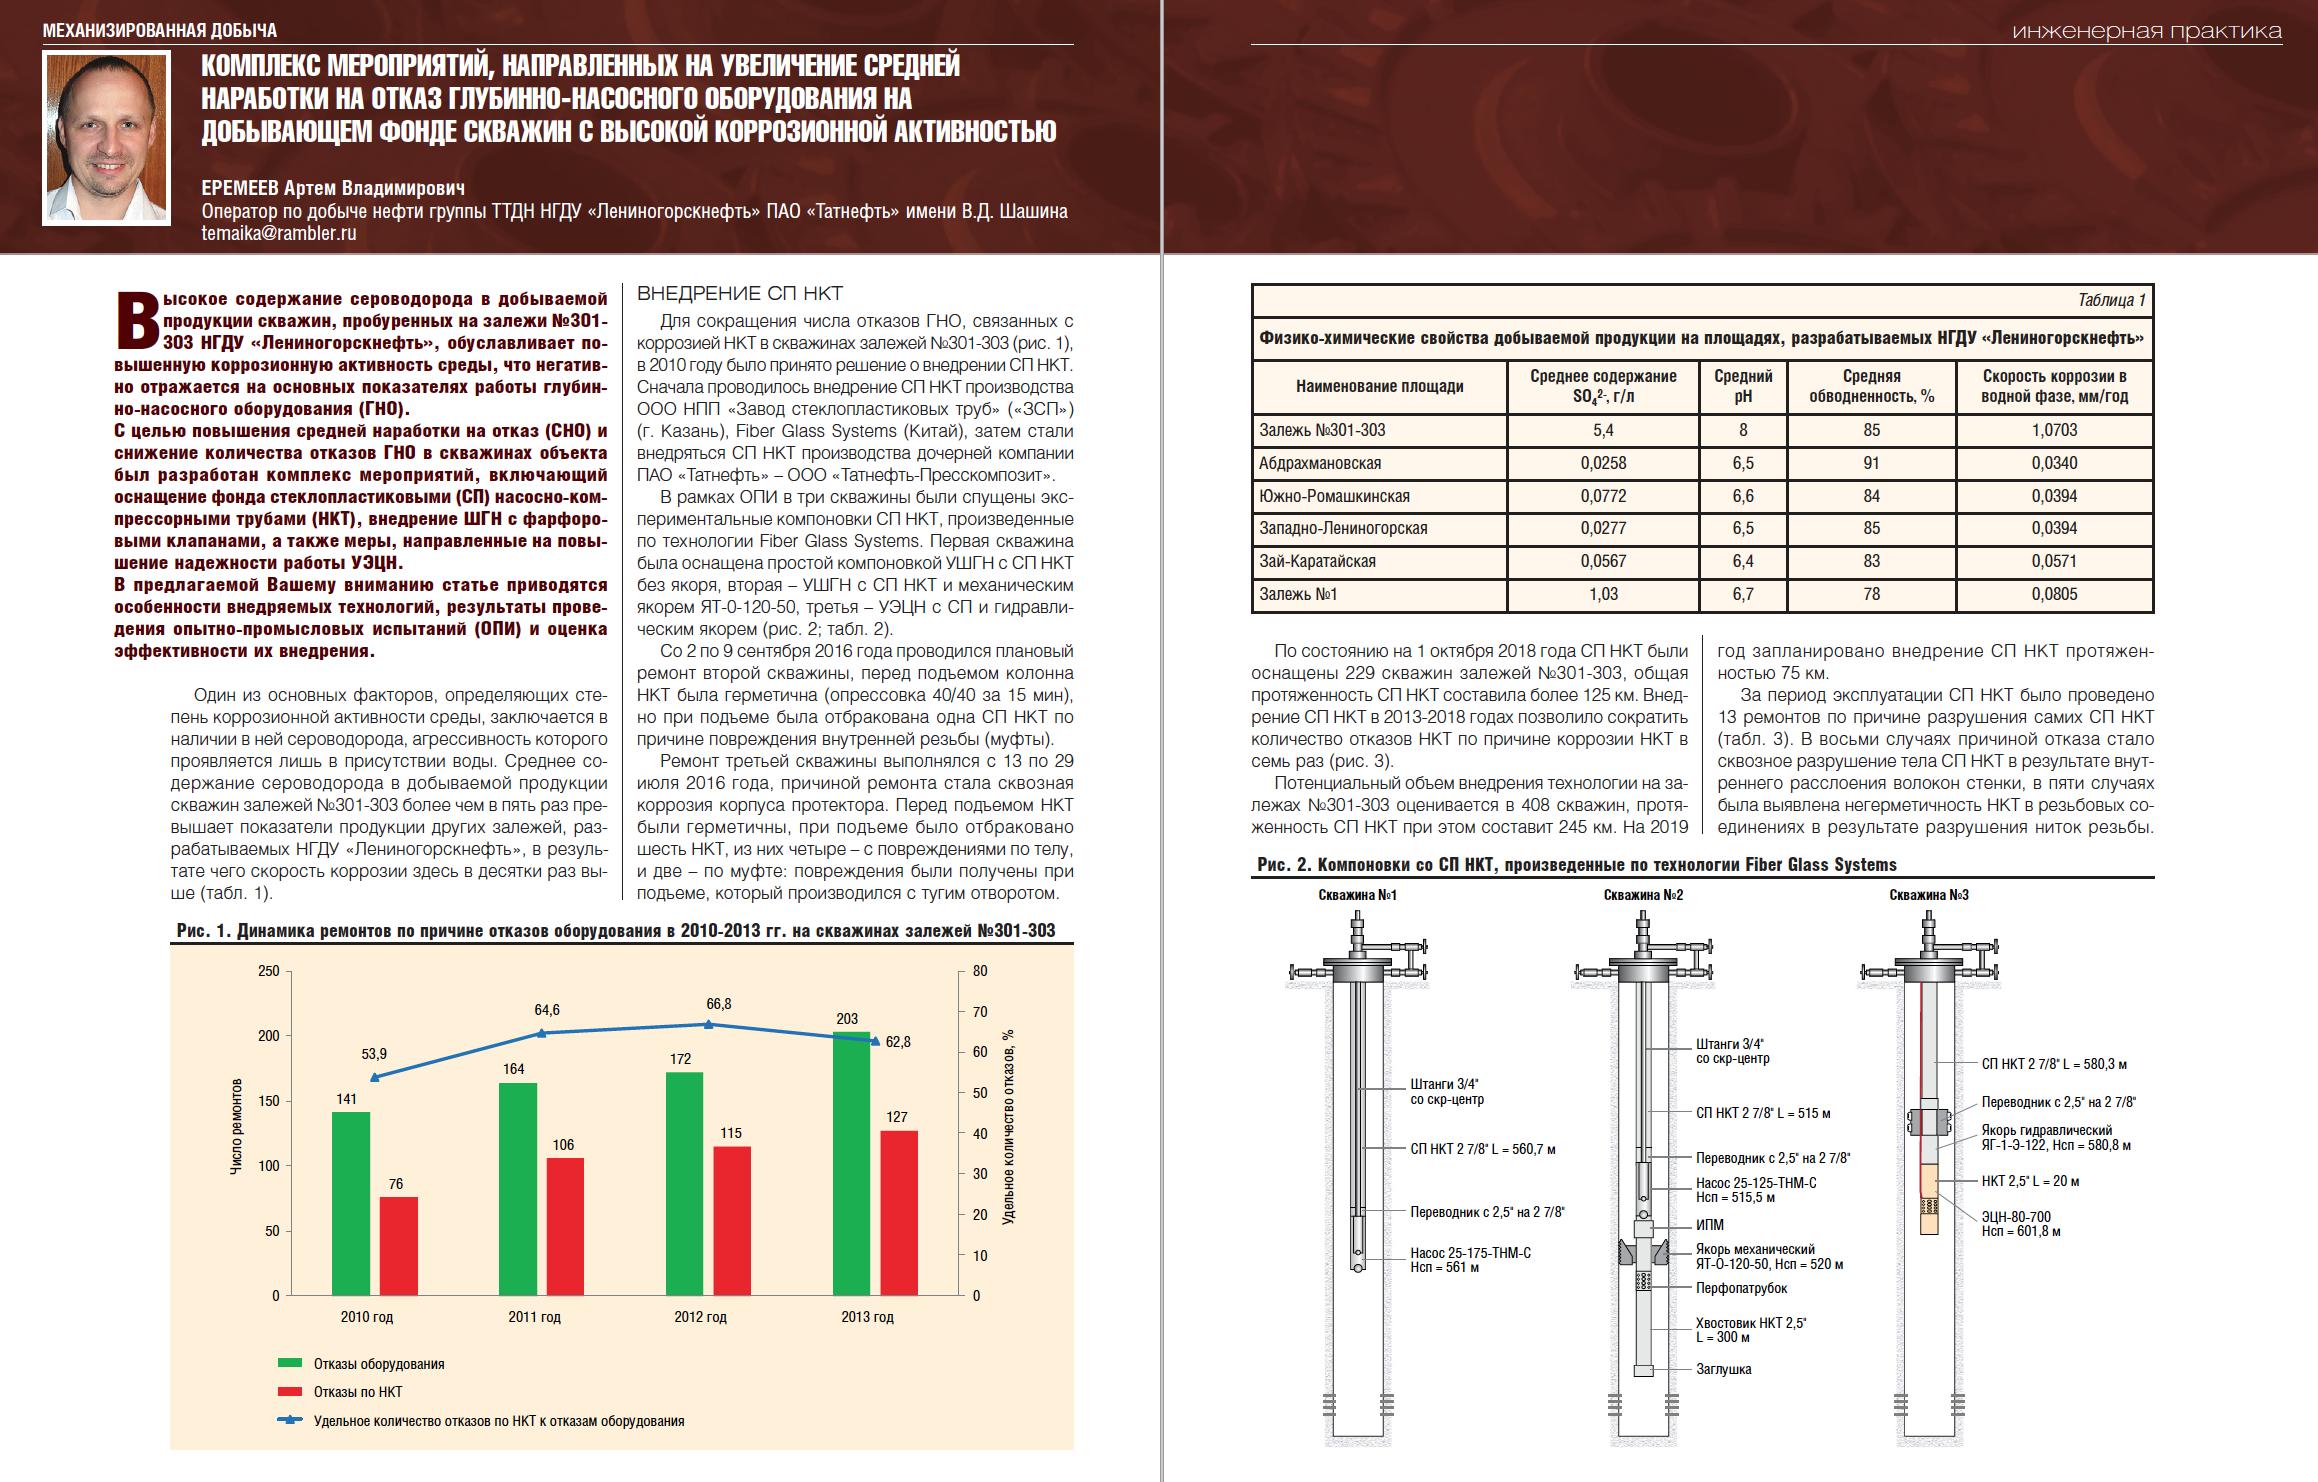 29070 Комплекс мероприятий, направленных на увеличение НнО ГНО на фонде скважин с коррозионной активностью